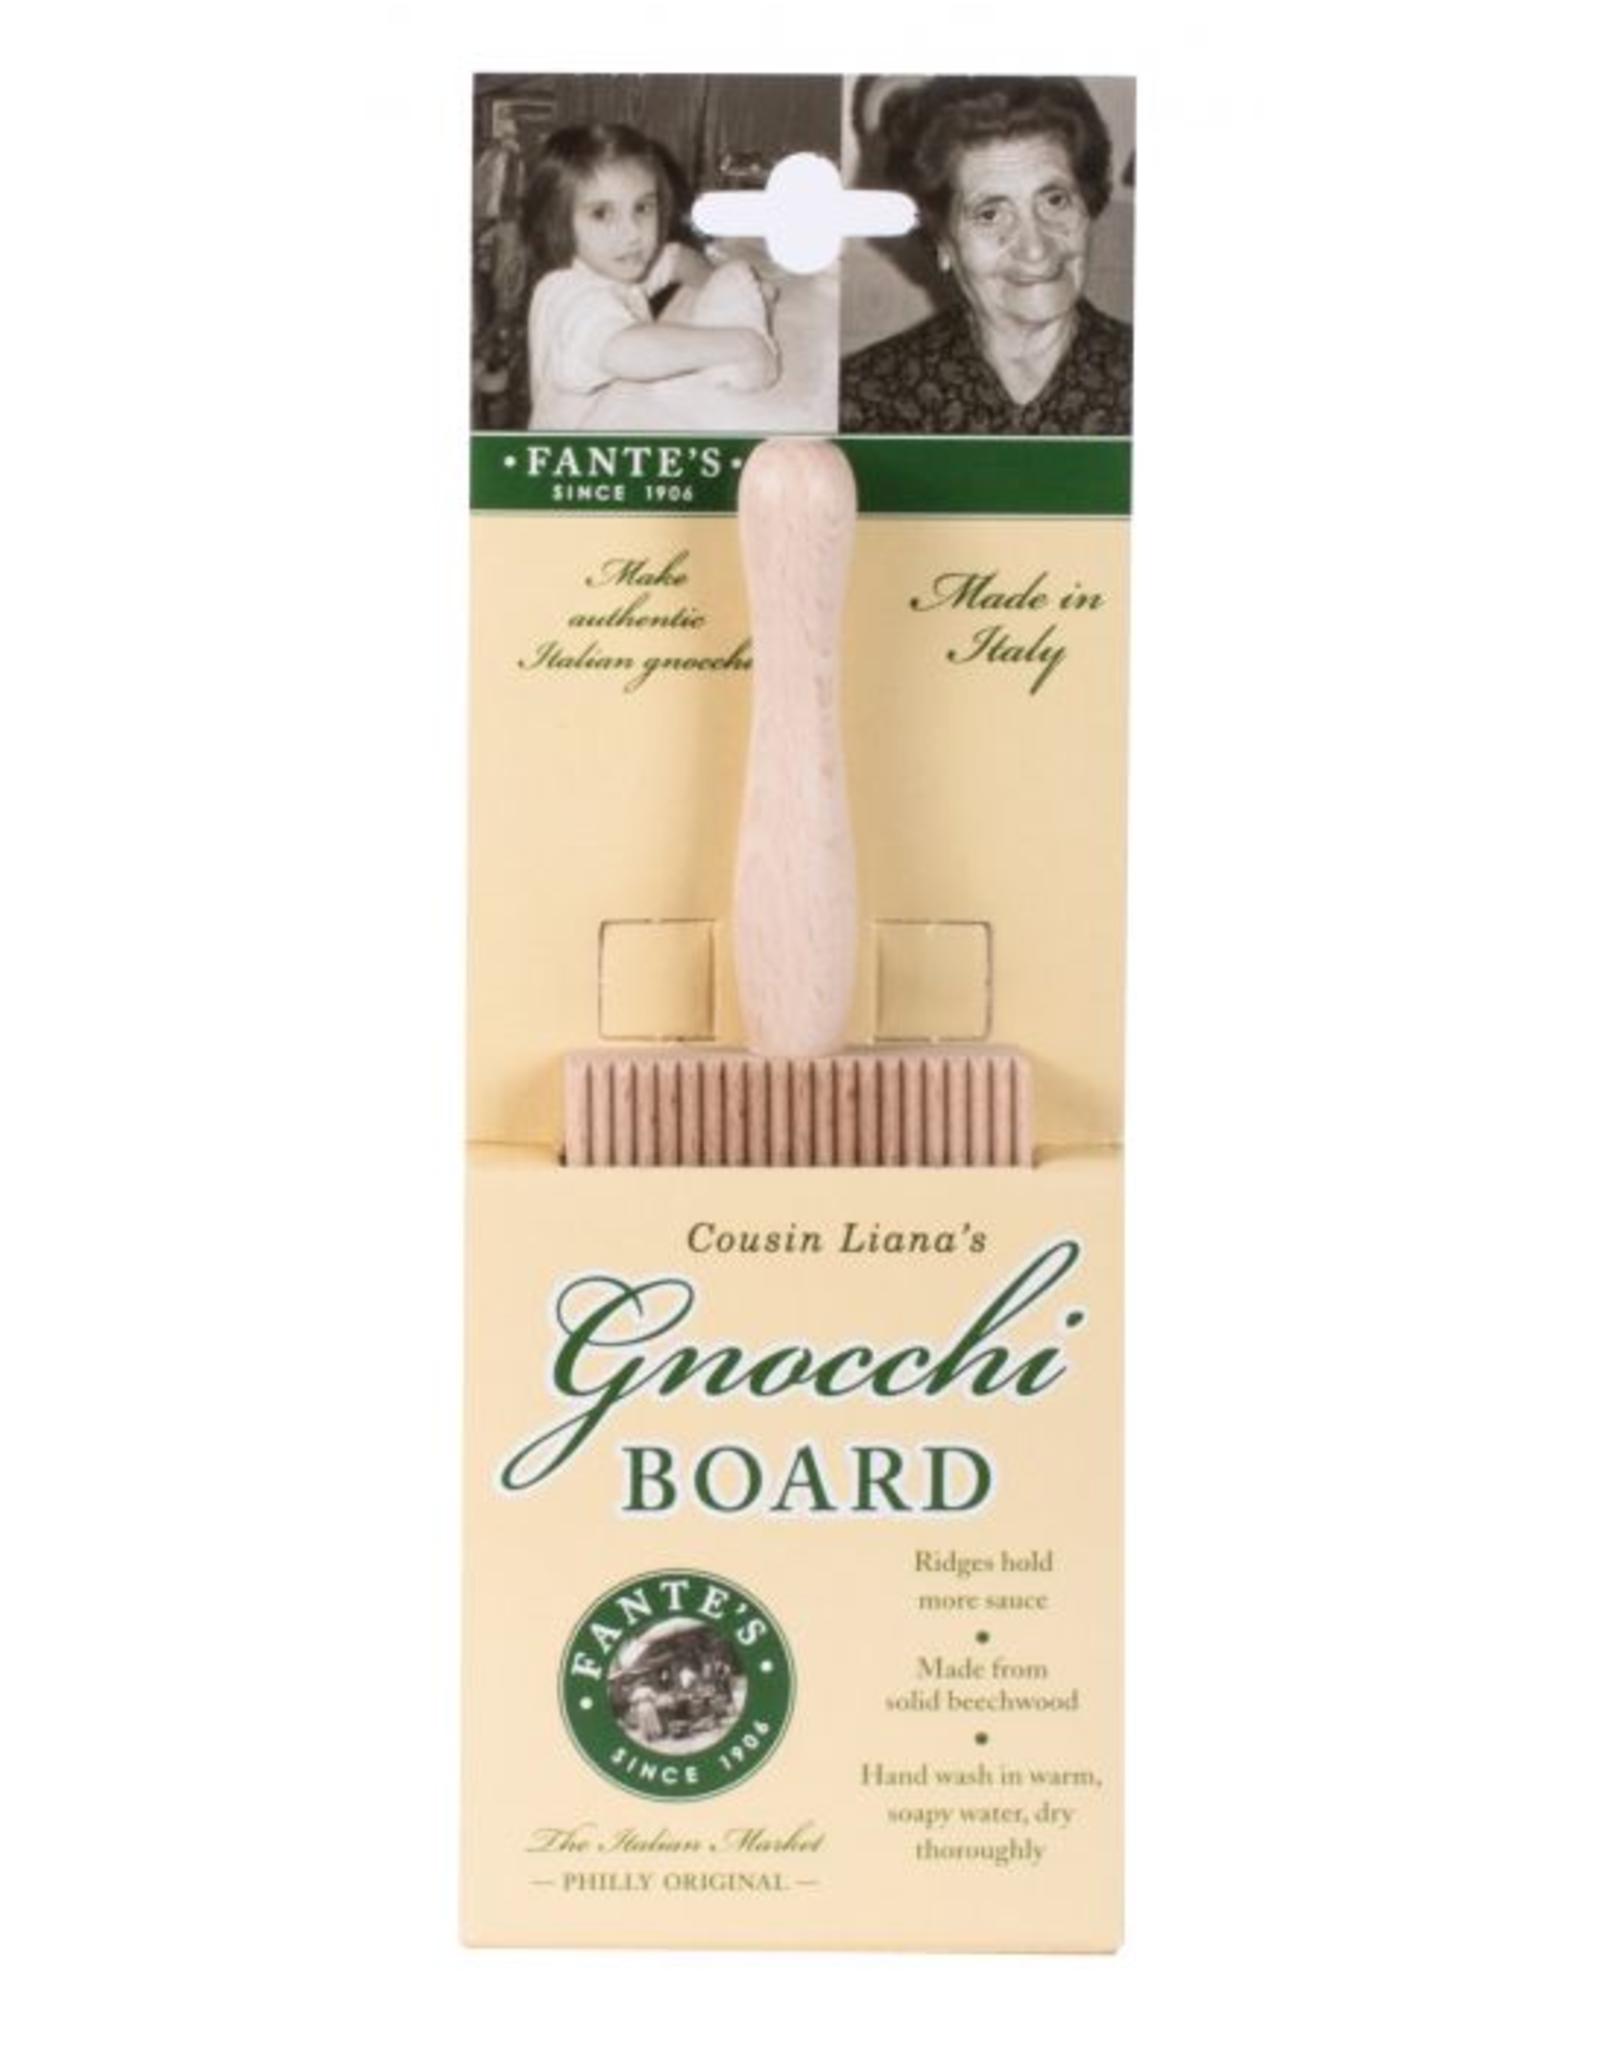 Harold Import Company Inc. Gnocchi Board